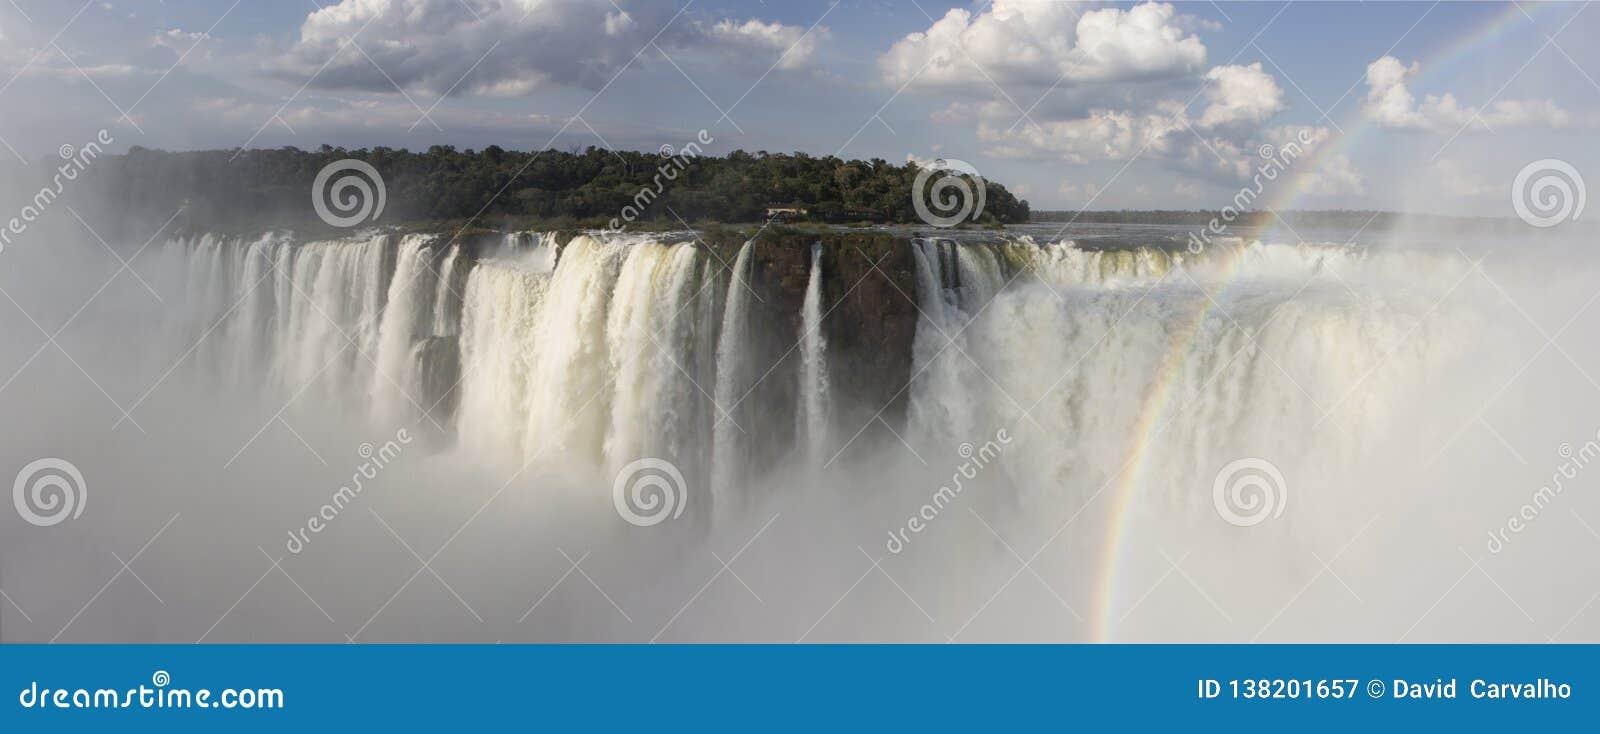 Die Iguaçu-Wasserfälle Argentinien, iguacu Brasilien